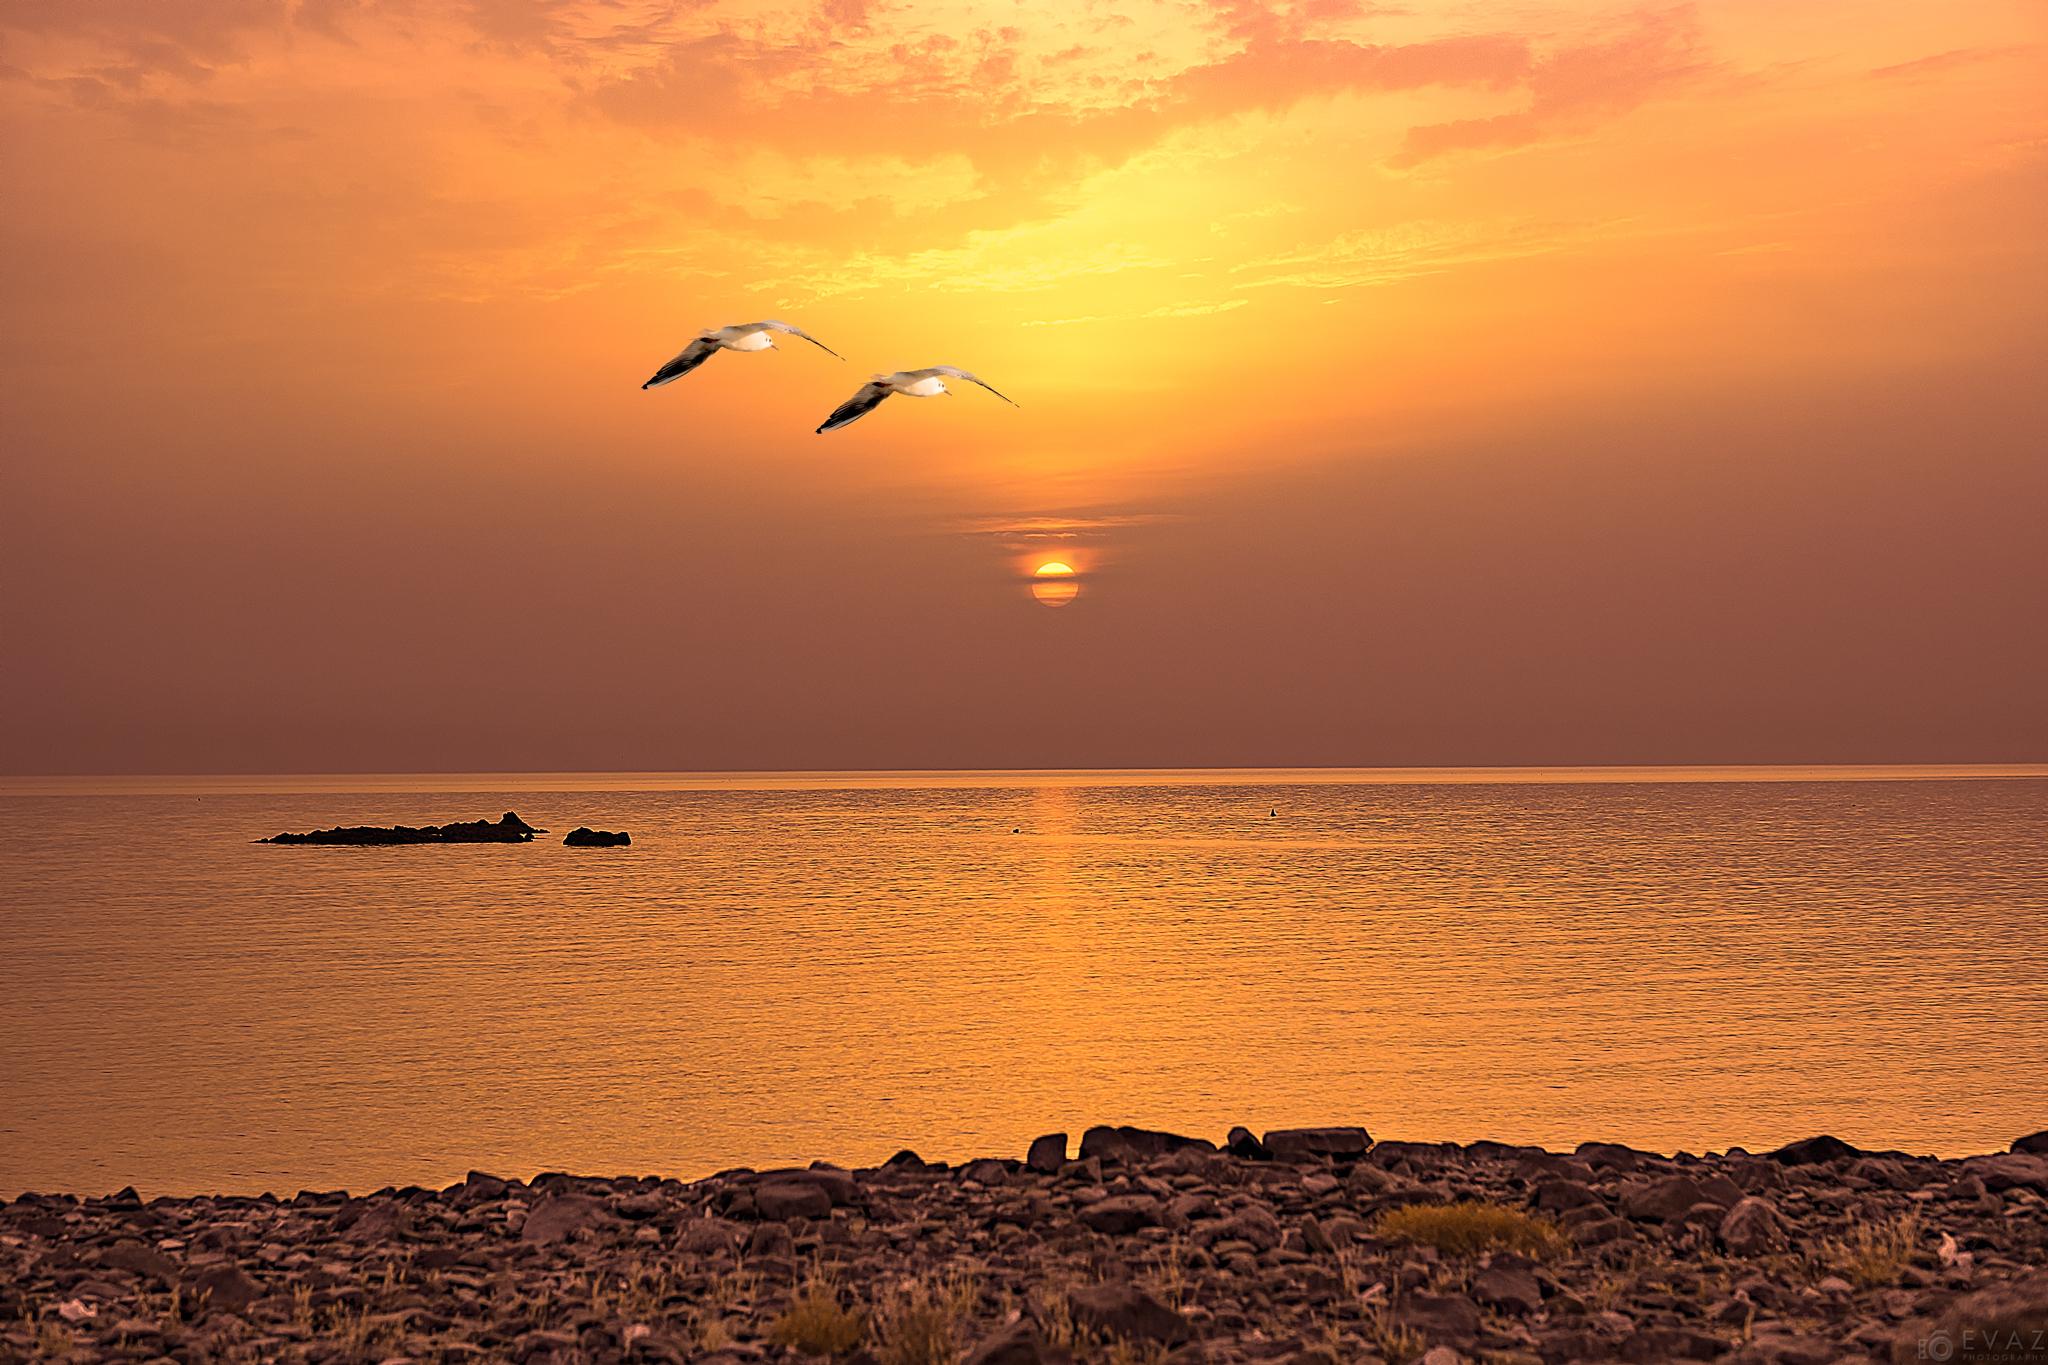 Sunrise at Al Aqah Beach